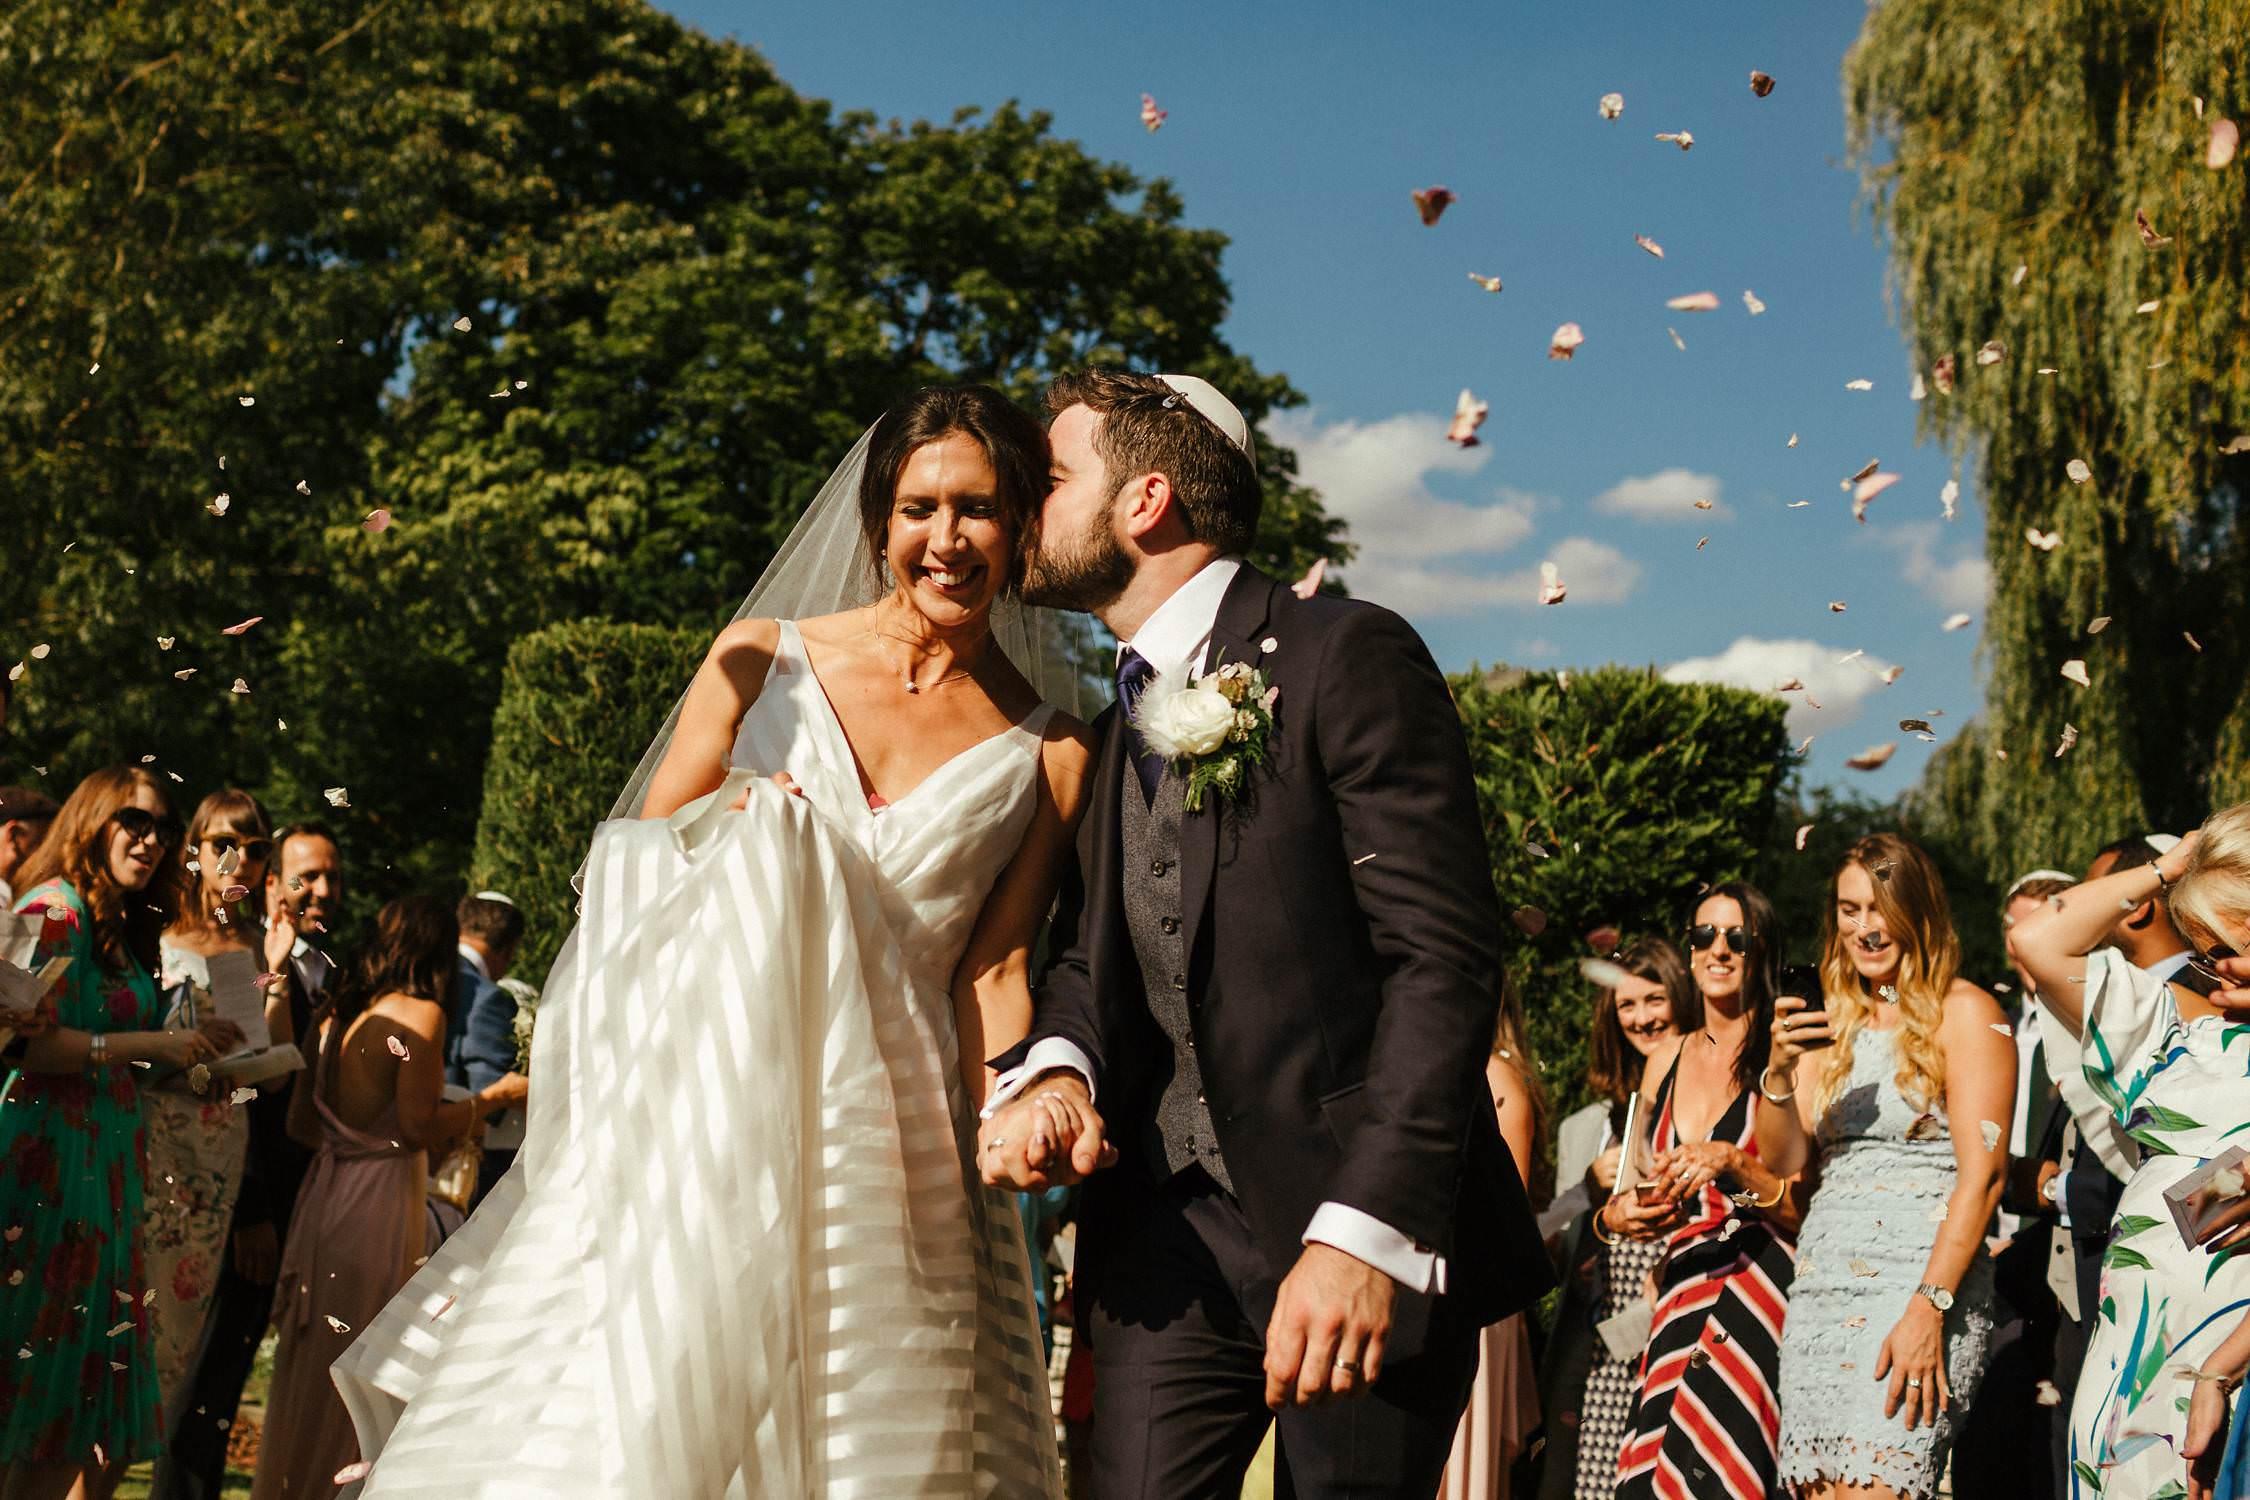 Buckinghamshire-Wedding-Photography-35